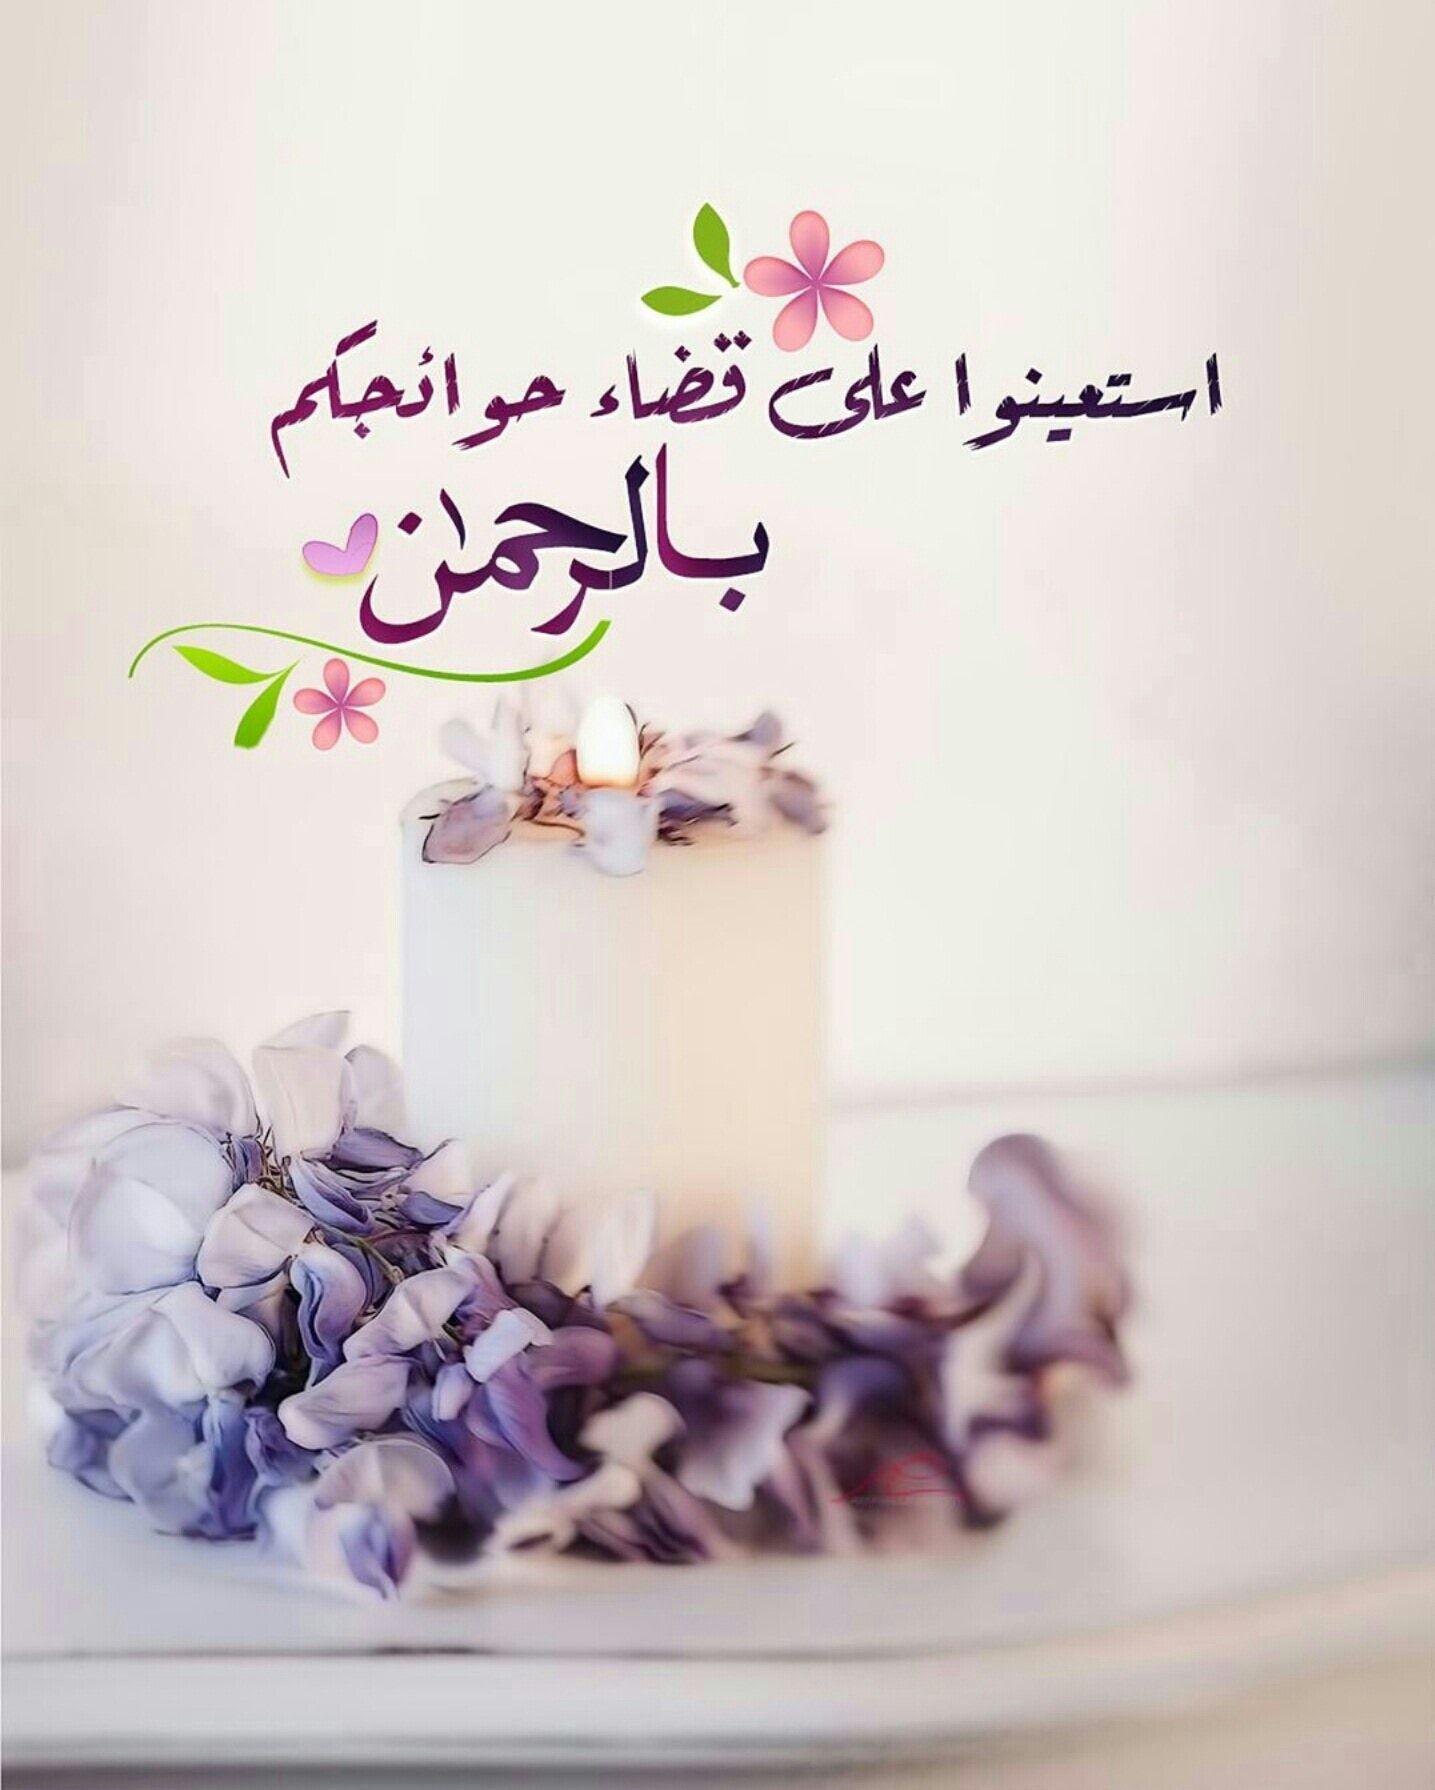 خواطر صباحية دينية Islamic Inspirational Quotes Islamic Images Islam Beliefs